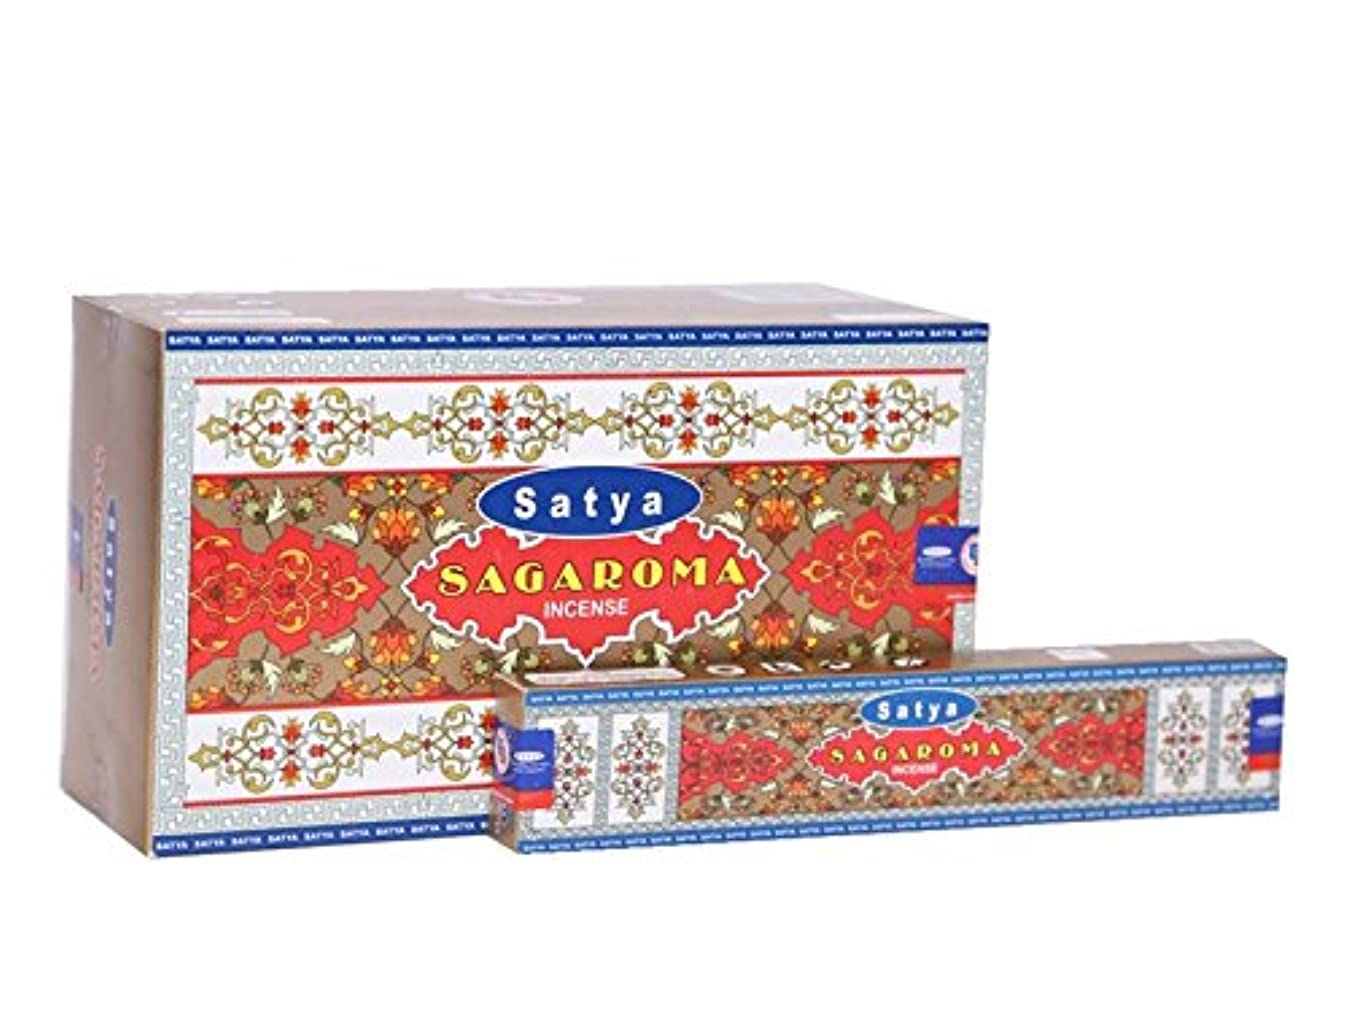 トロリーバス警戒床を掃除するSatya sagaroma Incense Sticksボックス15グラムパック、12カウントin aボックス